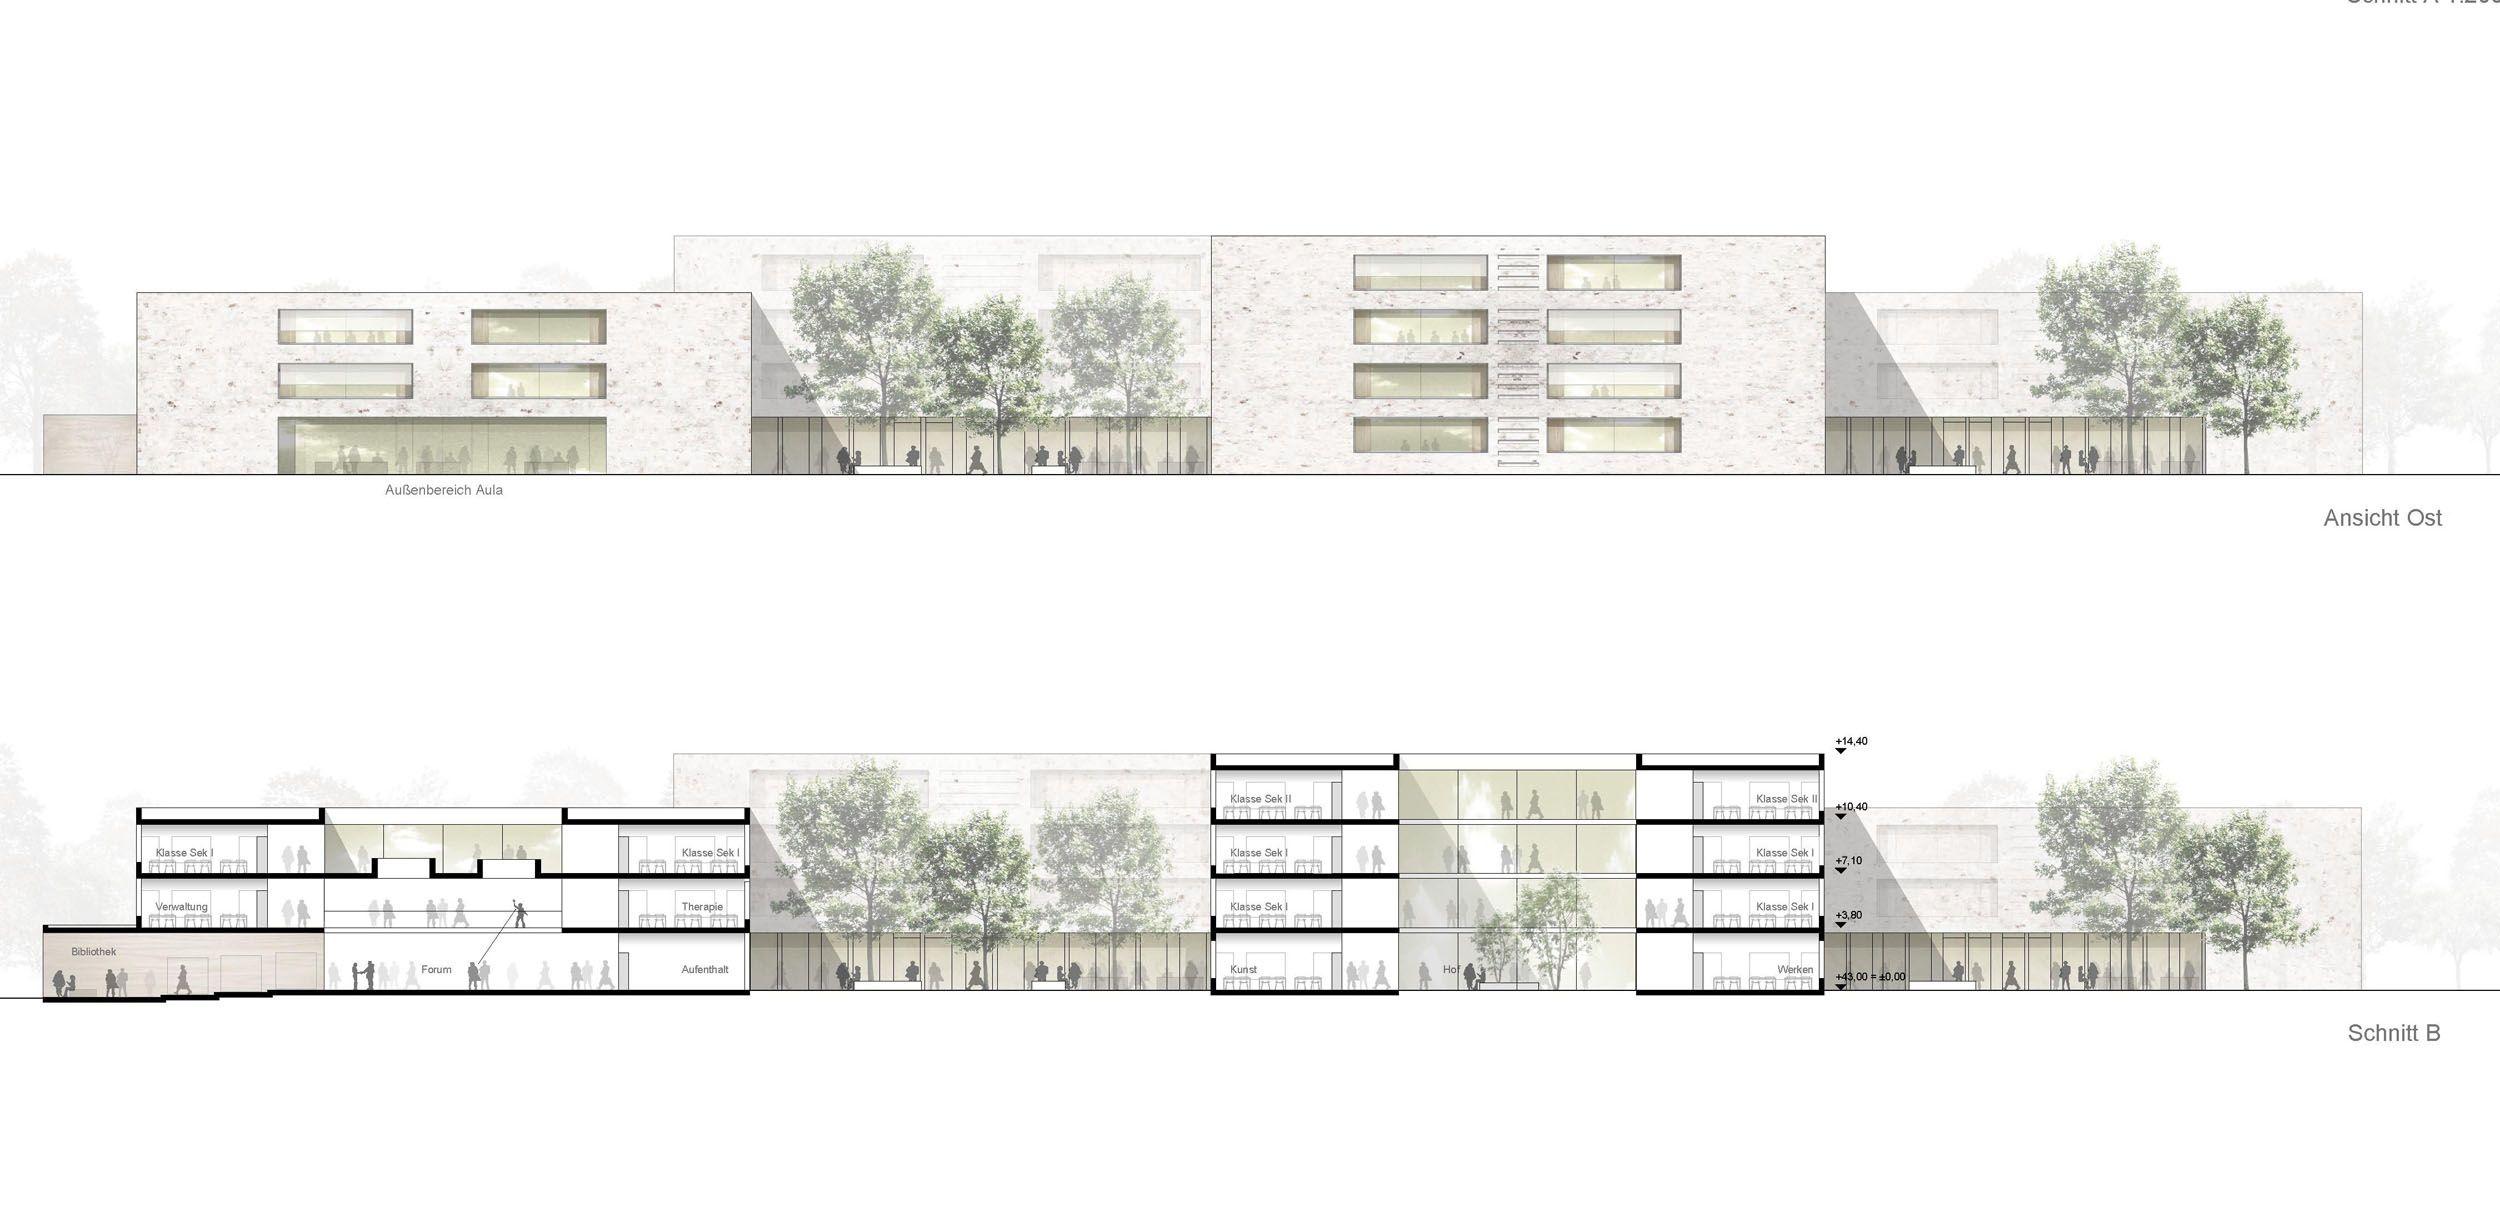 Ansicht ost und schnitt b sehw architektur inspiration architektur pinterest ansicht - Architektur ansicht ...